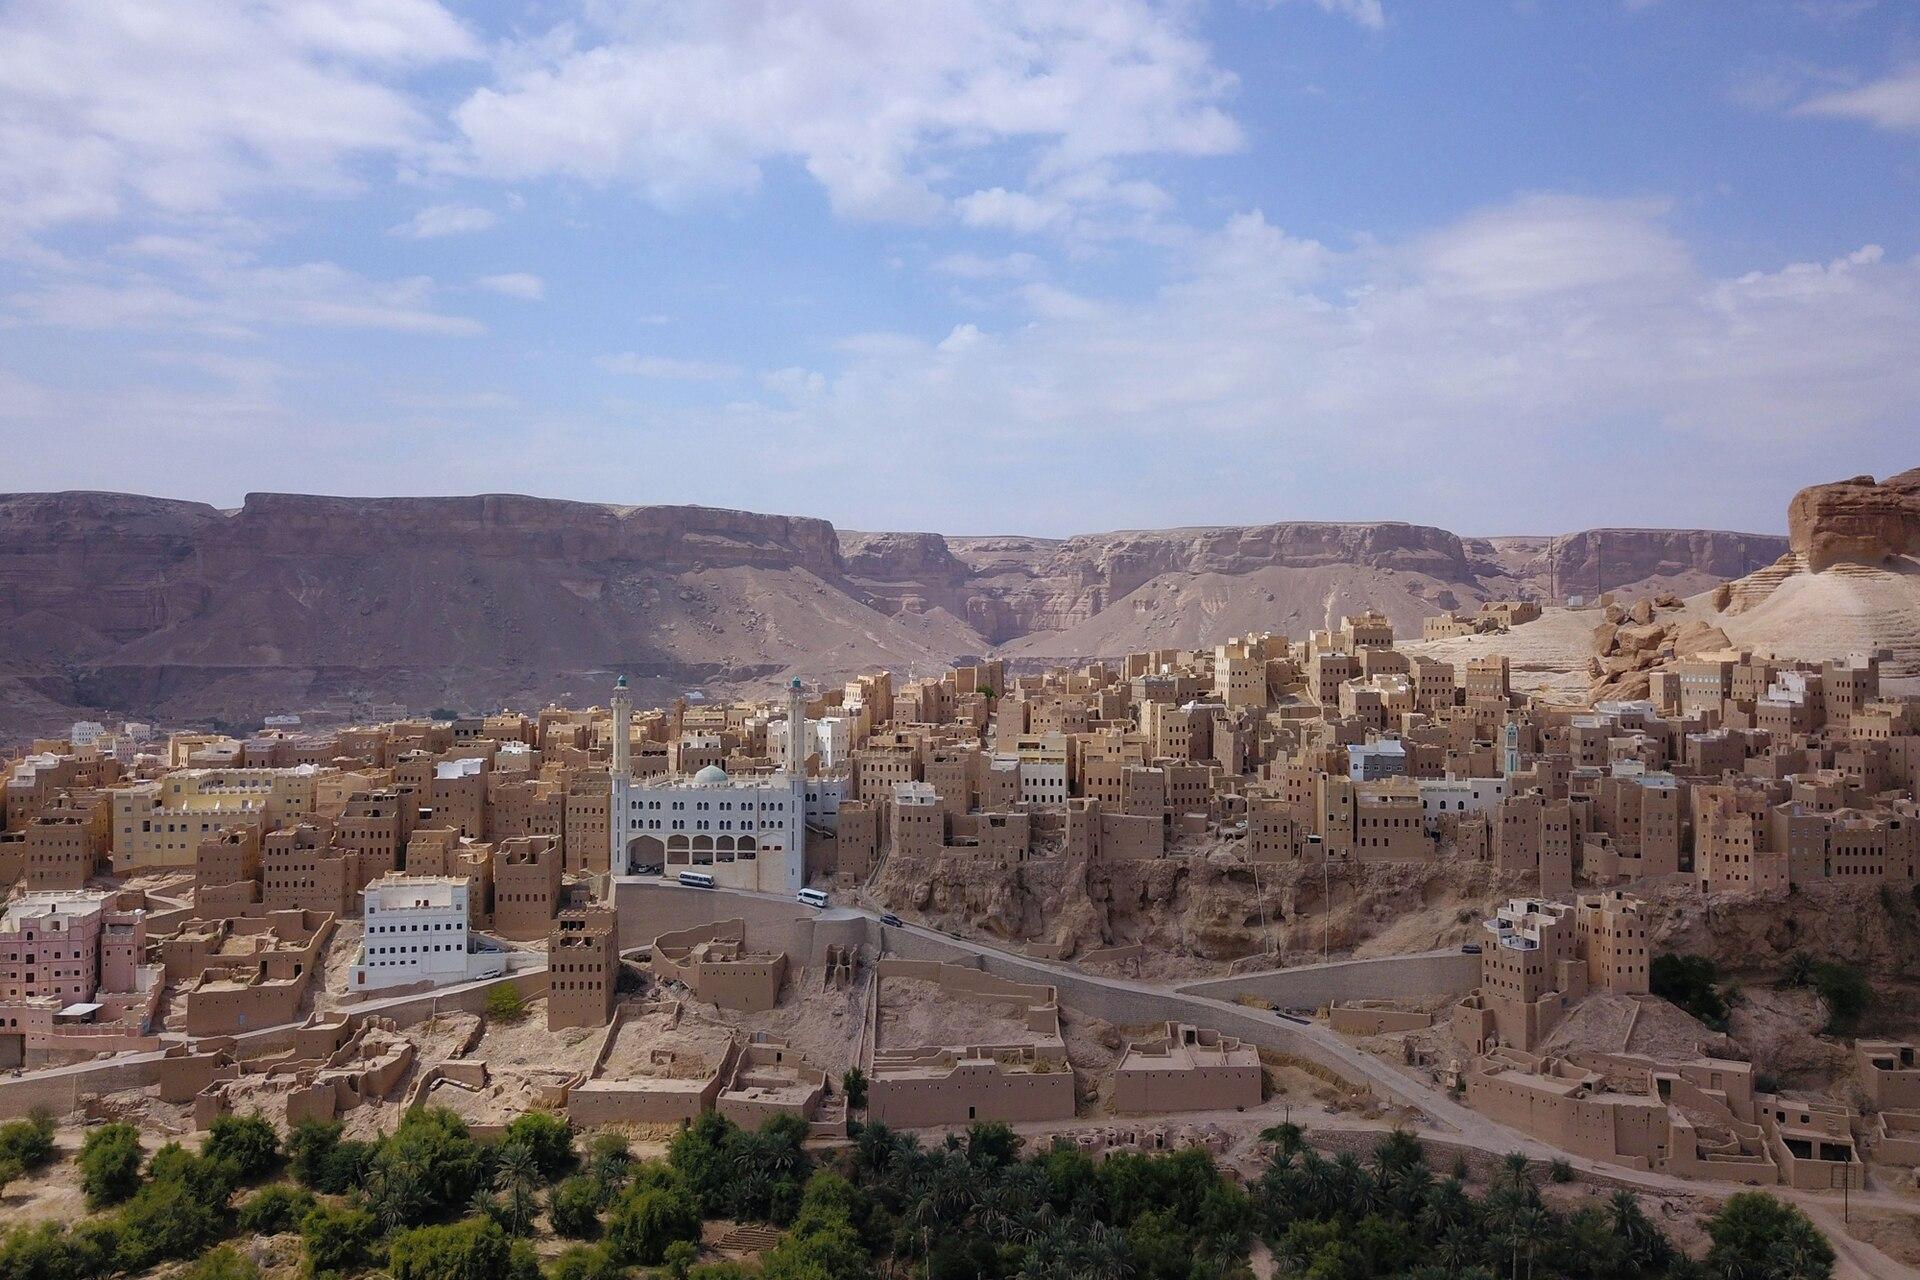 A 55 km al este de Shibam, se encuentra la ciudad de Tarim, que era el centro teológico y universitario de Hadramut